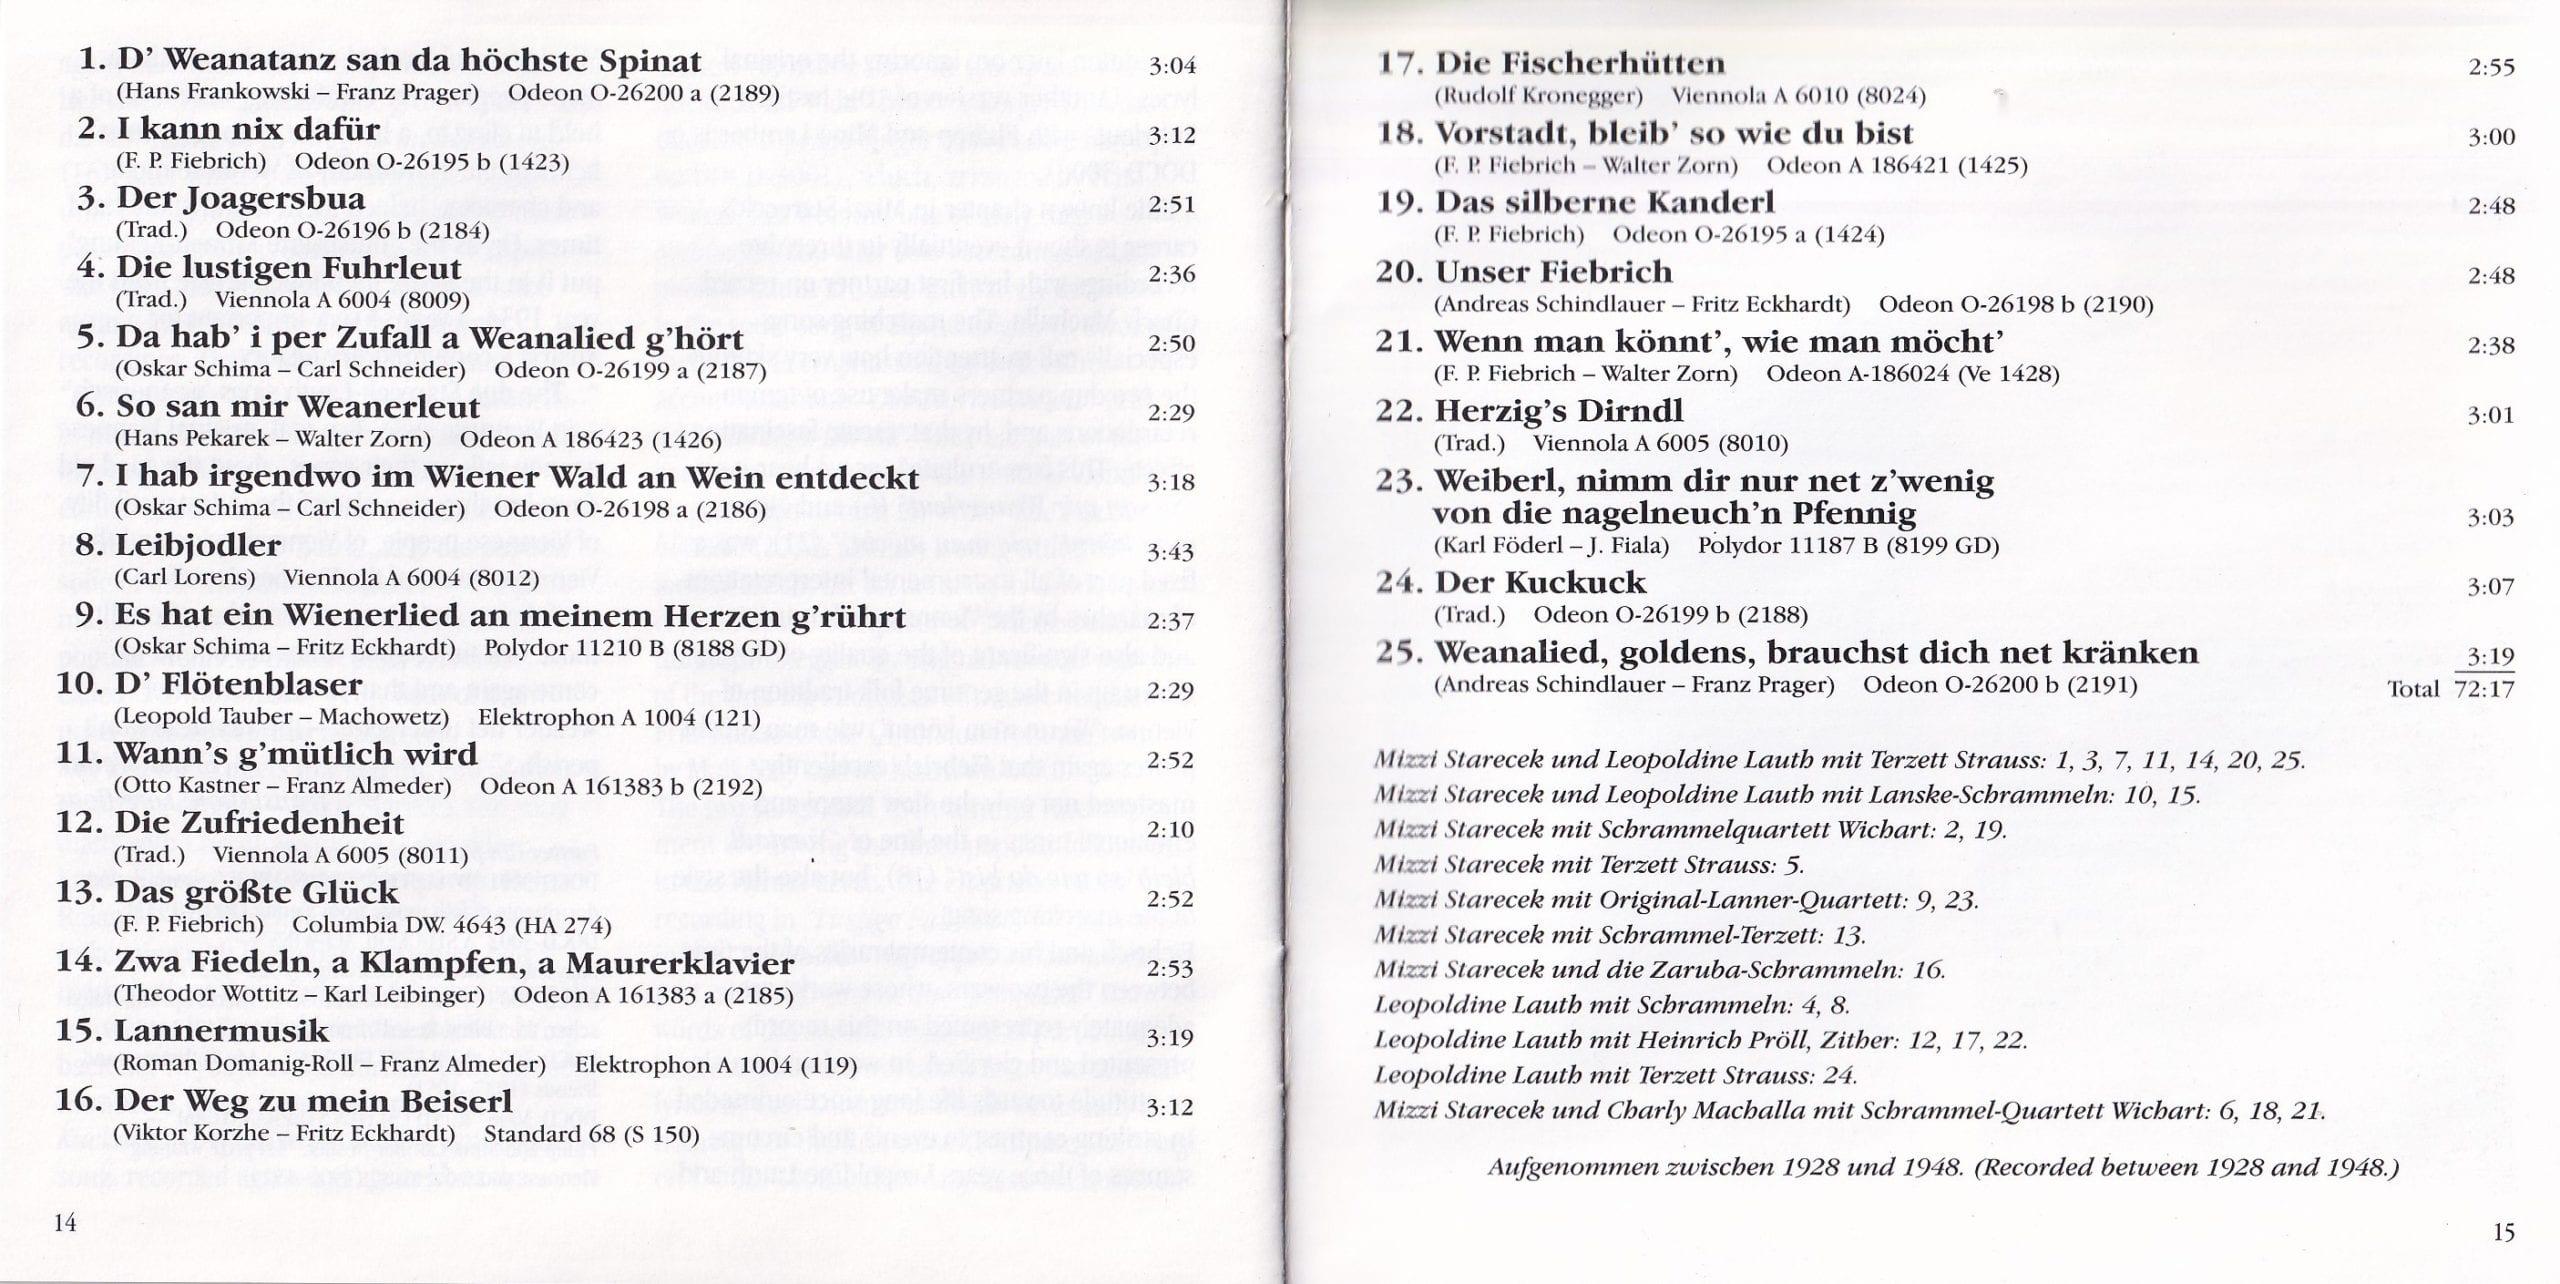 D Weanatanz san da höchste Spinat – Booklet – 14-15